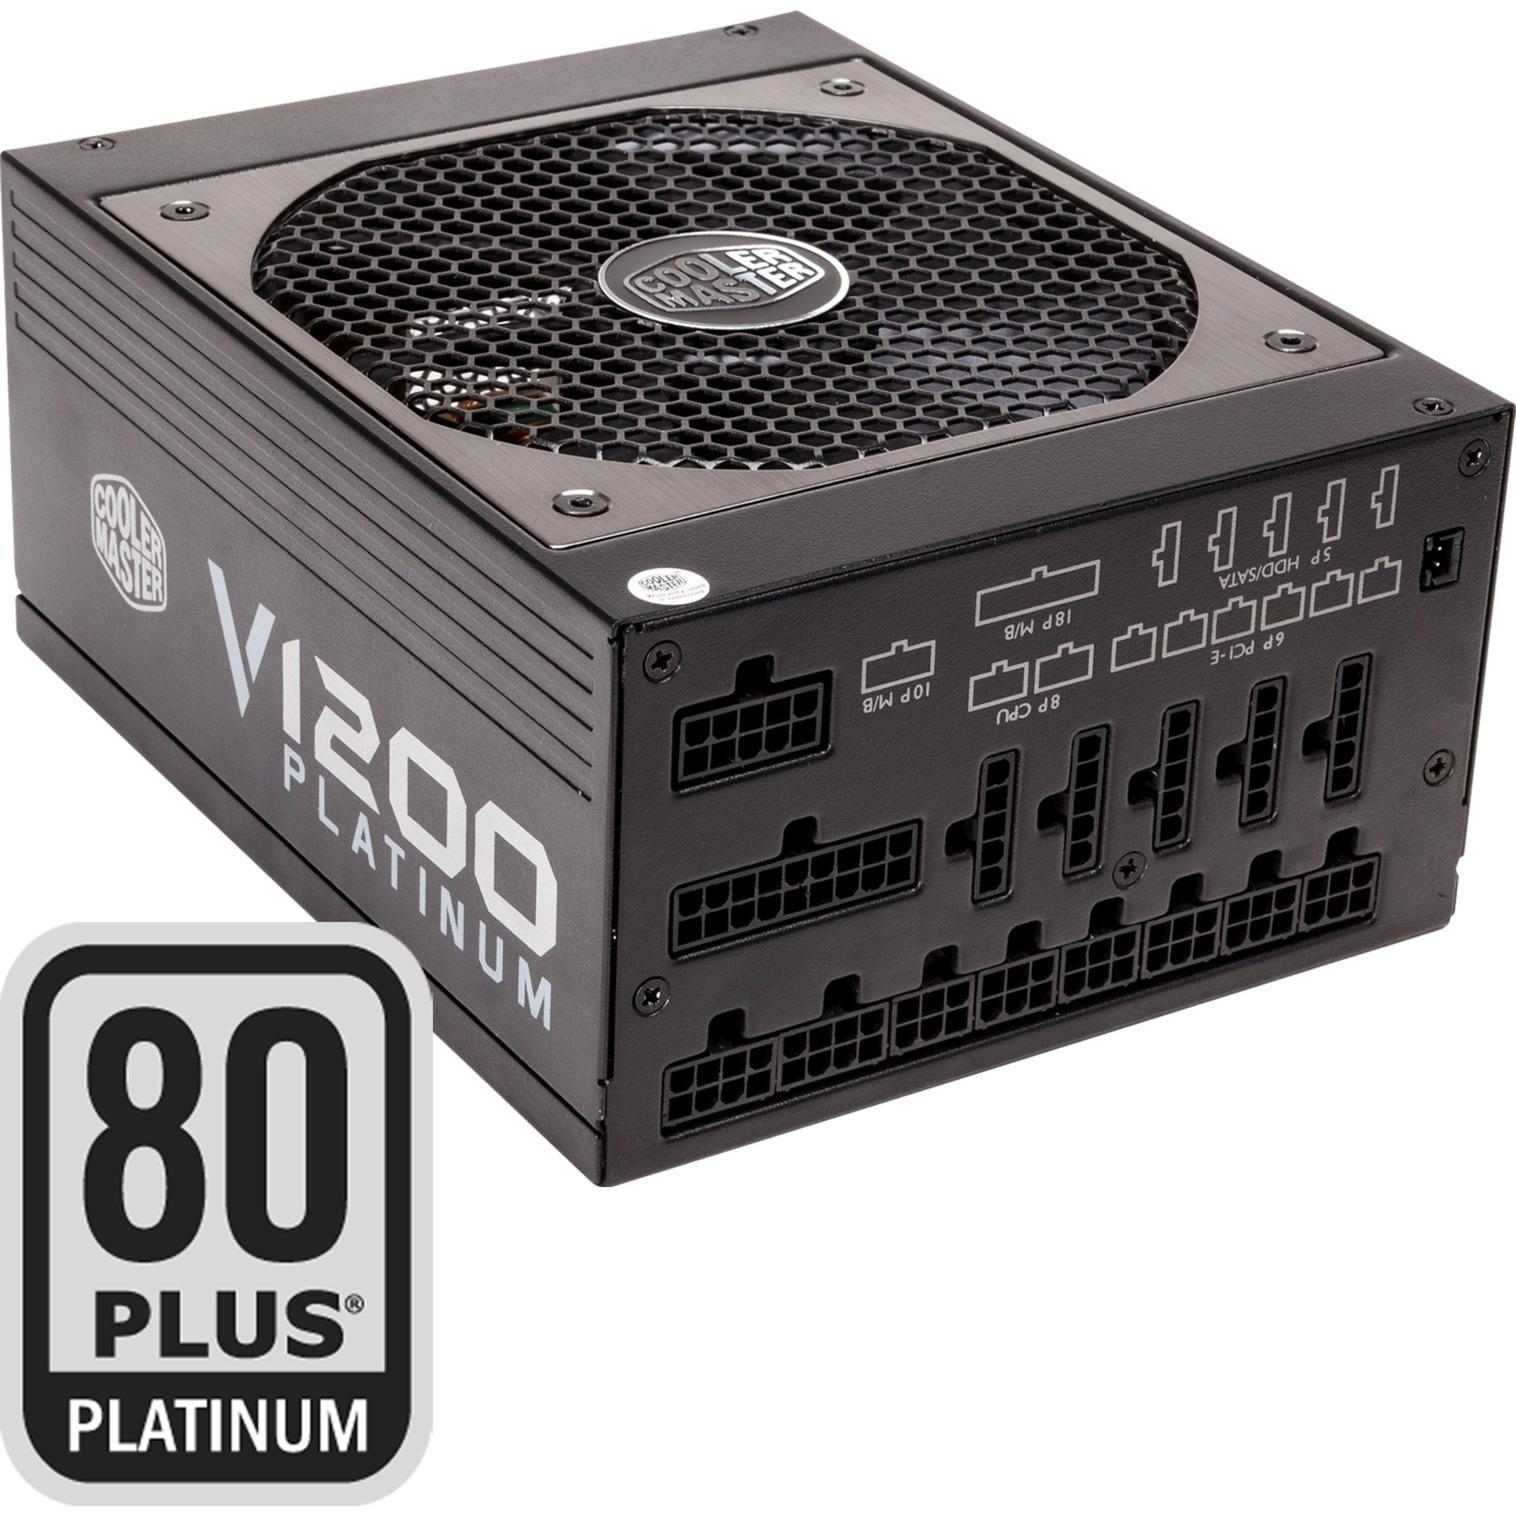 v1200-platinum-pc-stromforsyning